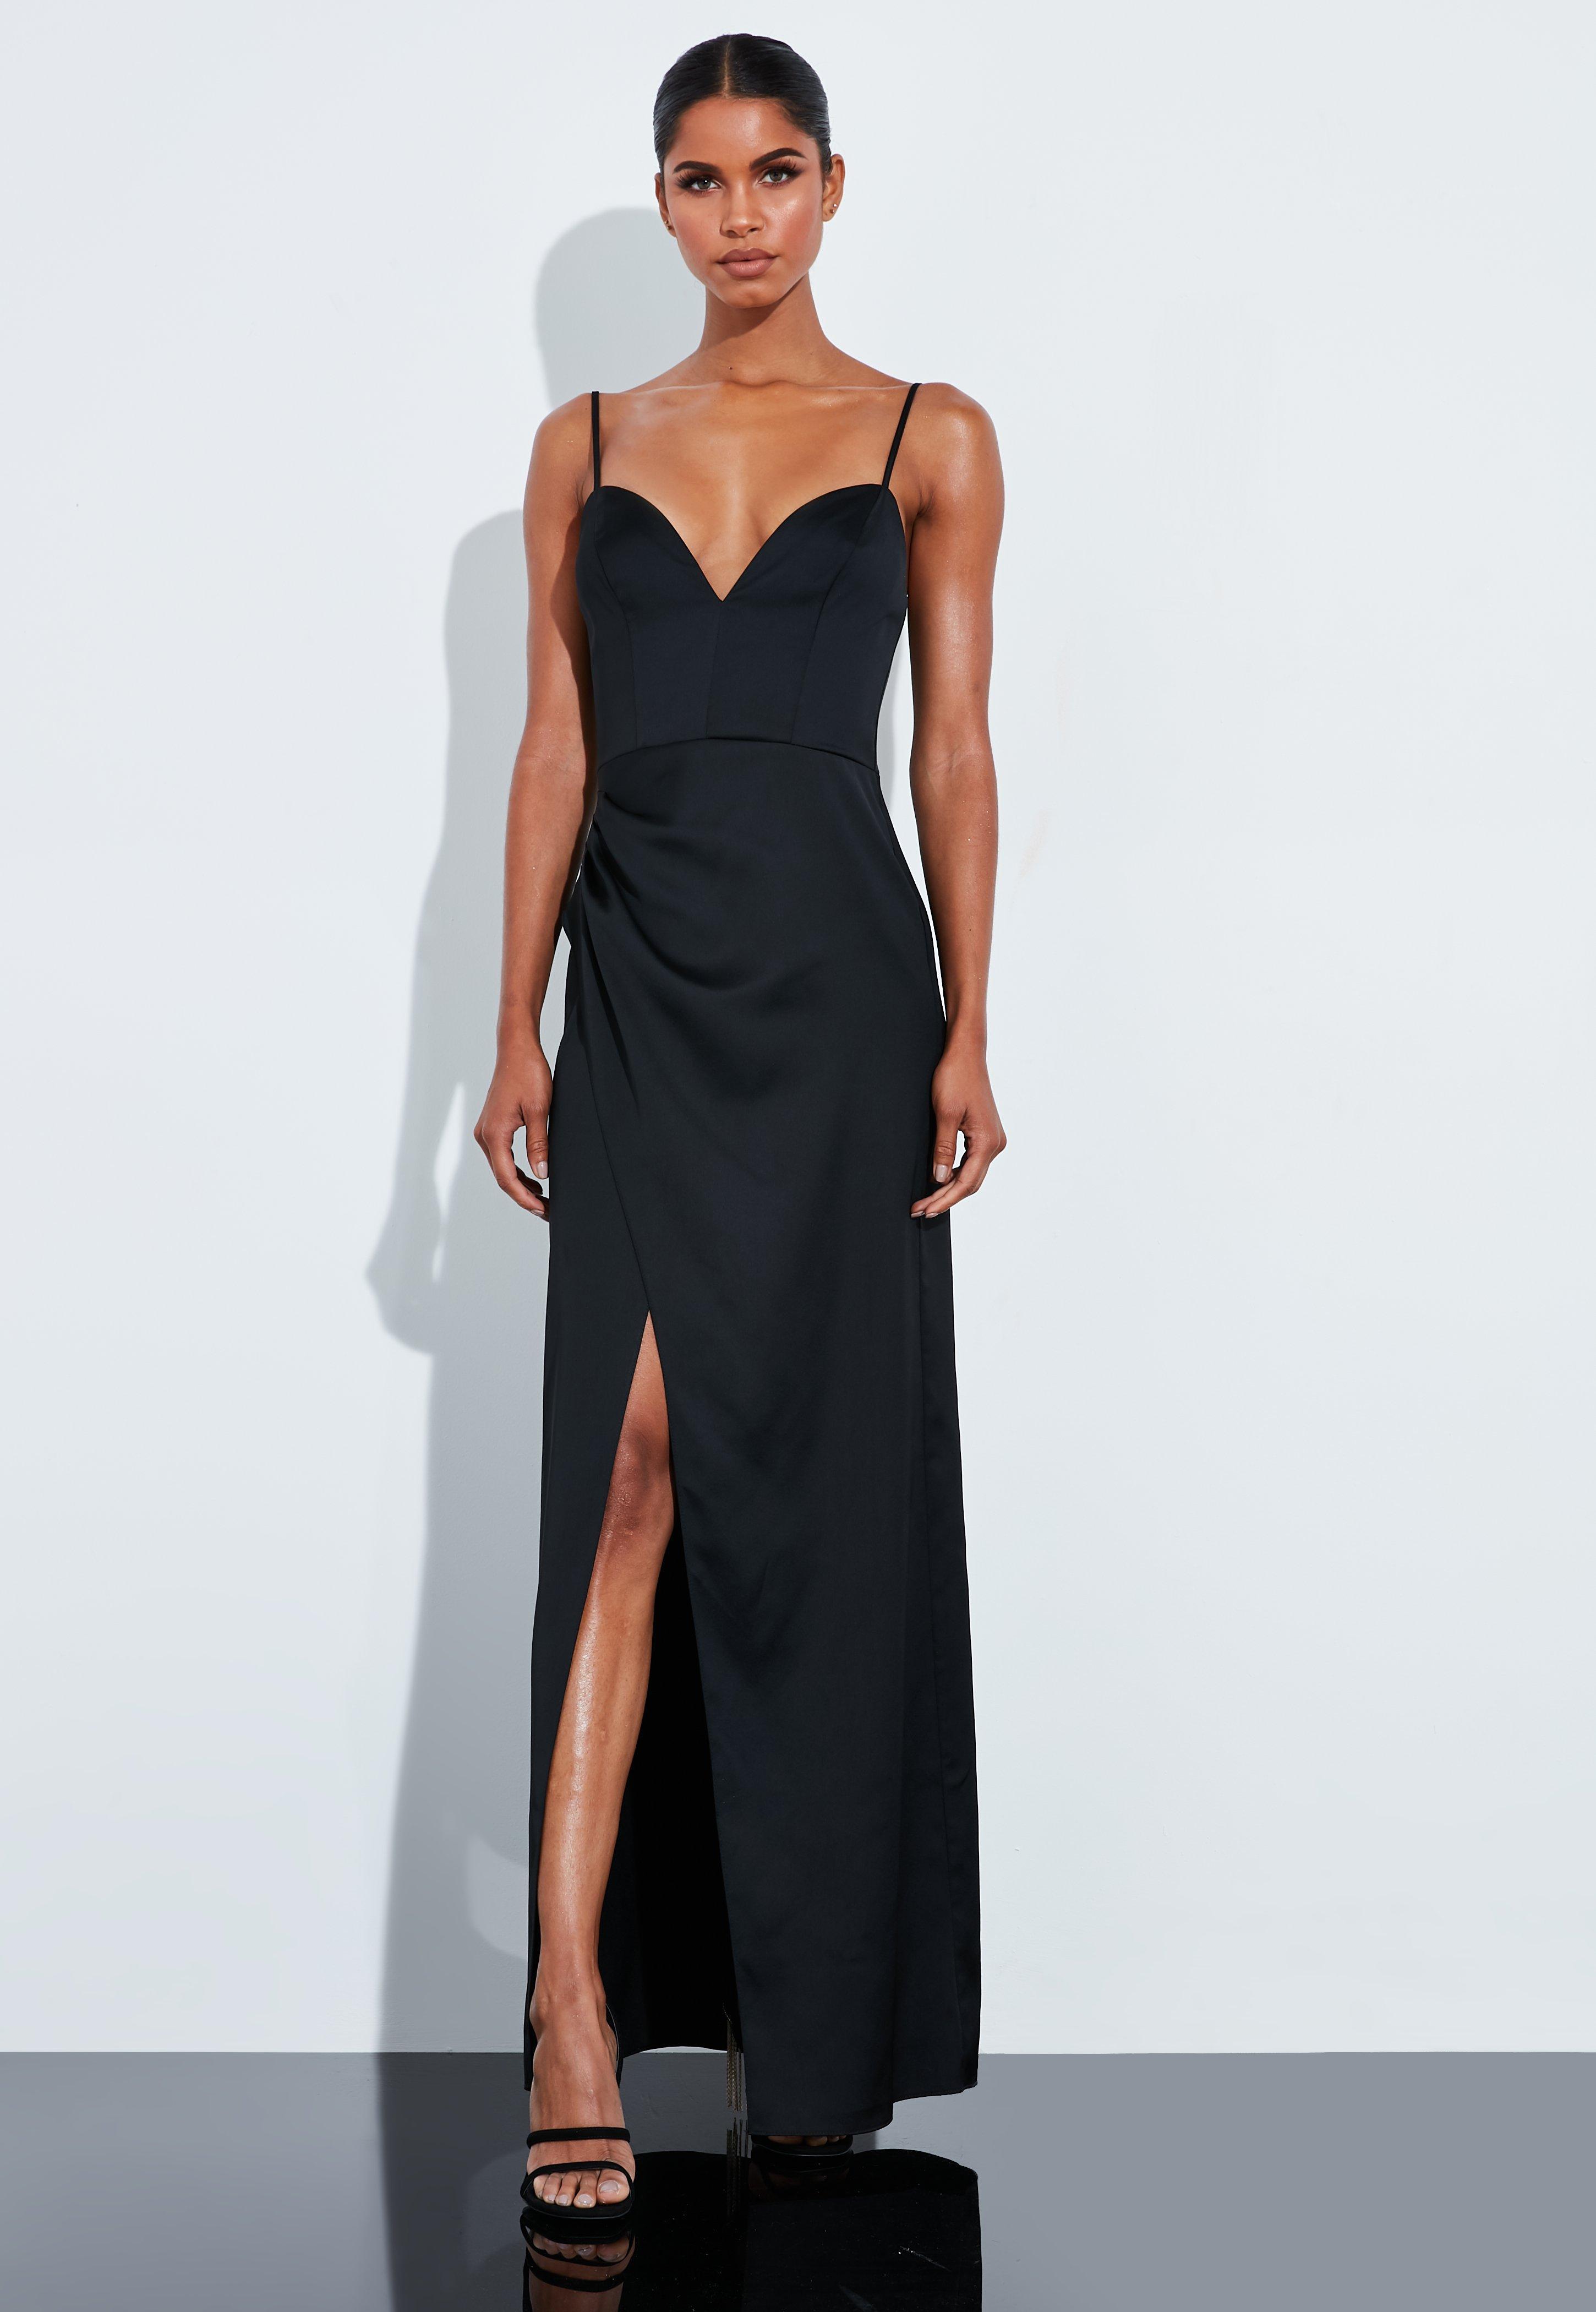 nouvelle sélection haute qualité grosses soldes Robe longue noire en satin fendue Peace + Love